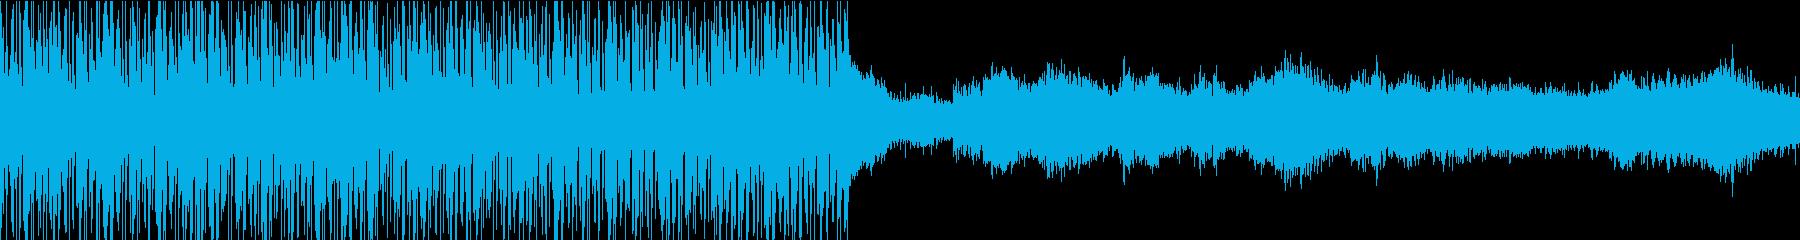 企業VP/ゲーム/近未来/ループ仕様の再生済みの波形